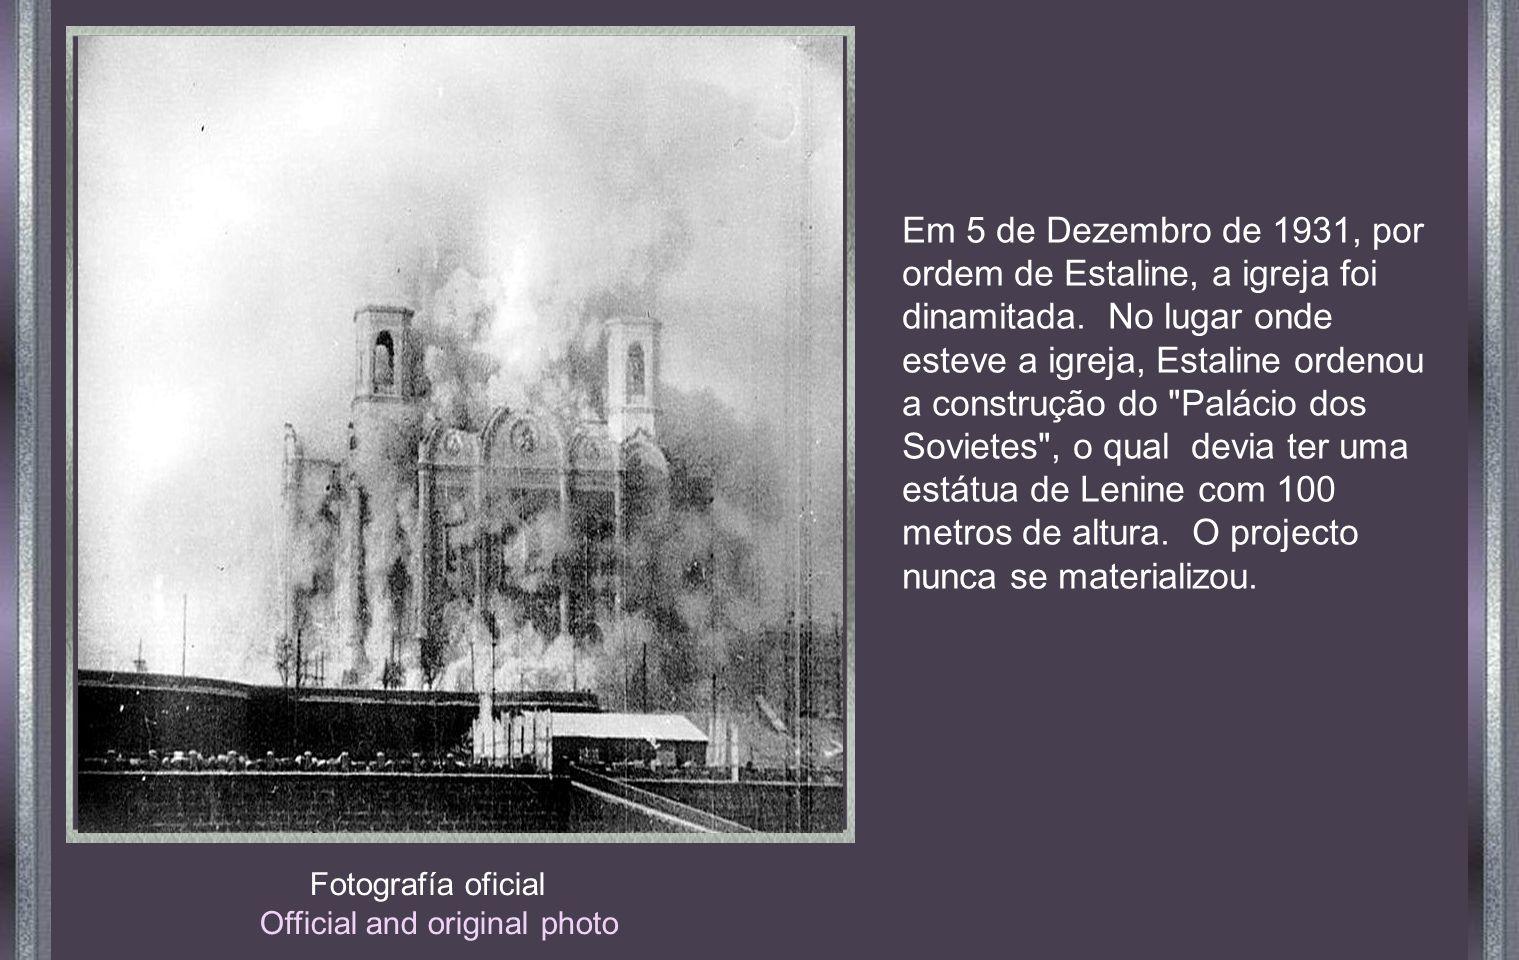 Em 5 de Dezembro de 1931, por ordem de Estaline, a igreja foi dinamitada. No lugar onde esteve a igreja, Estaline ordenou a construção do Palácio dos Sovietes , o qual devia ter uma estátua de Lenine com 100 metros de altura. O projecto nunca se materializou.